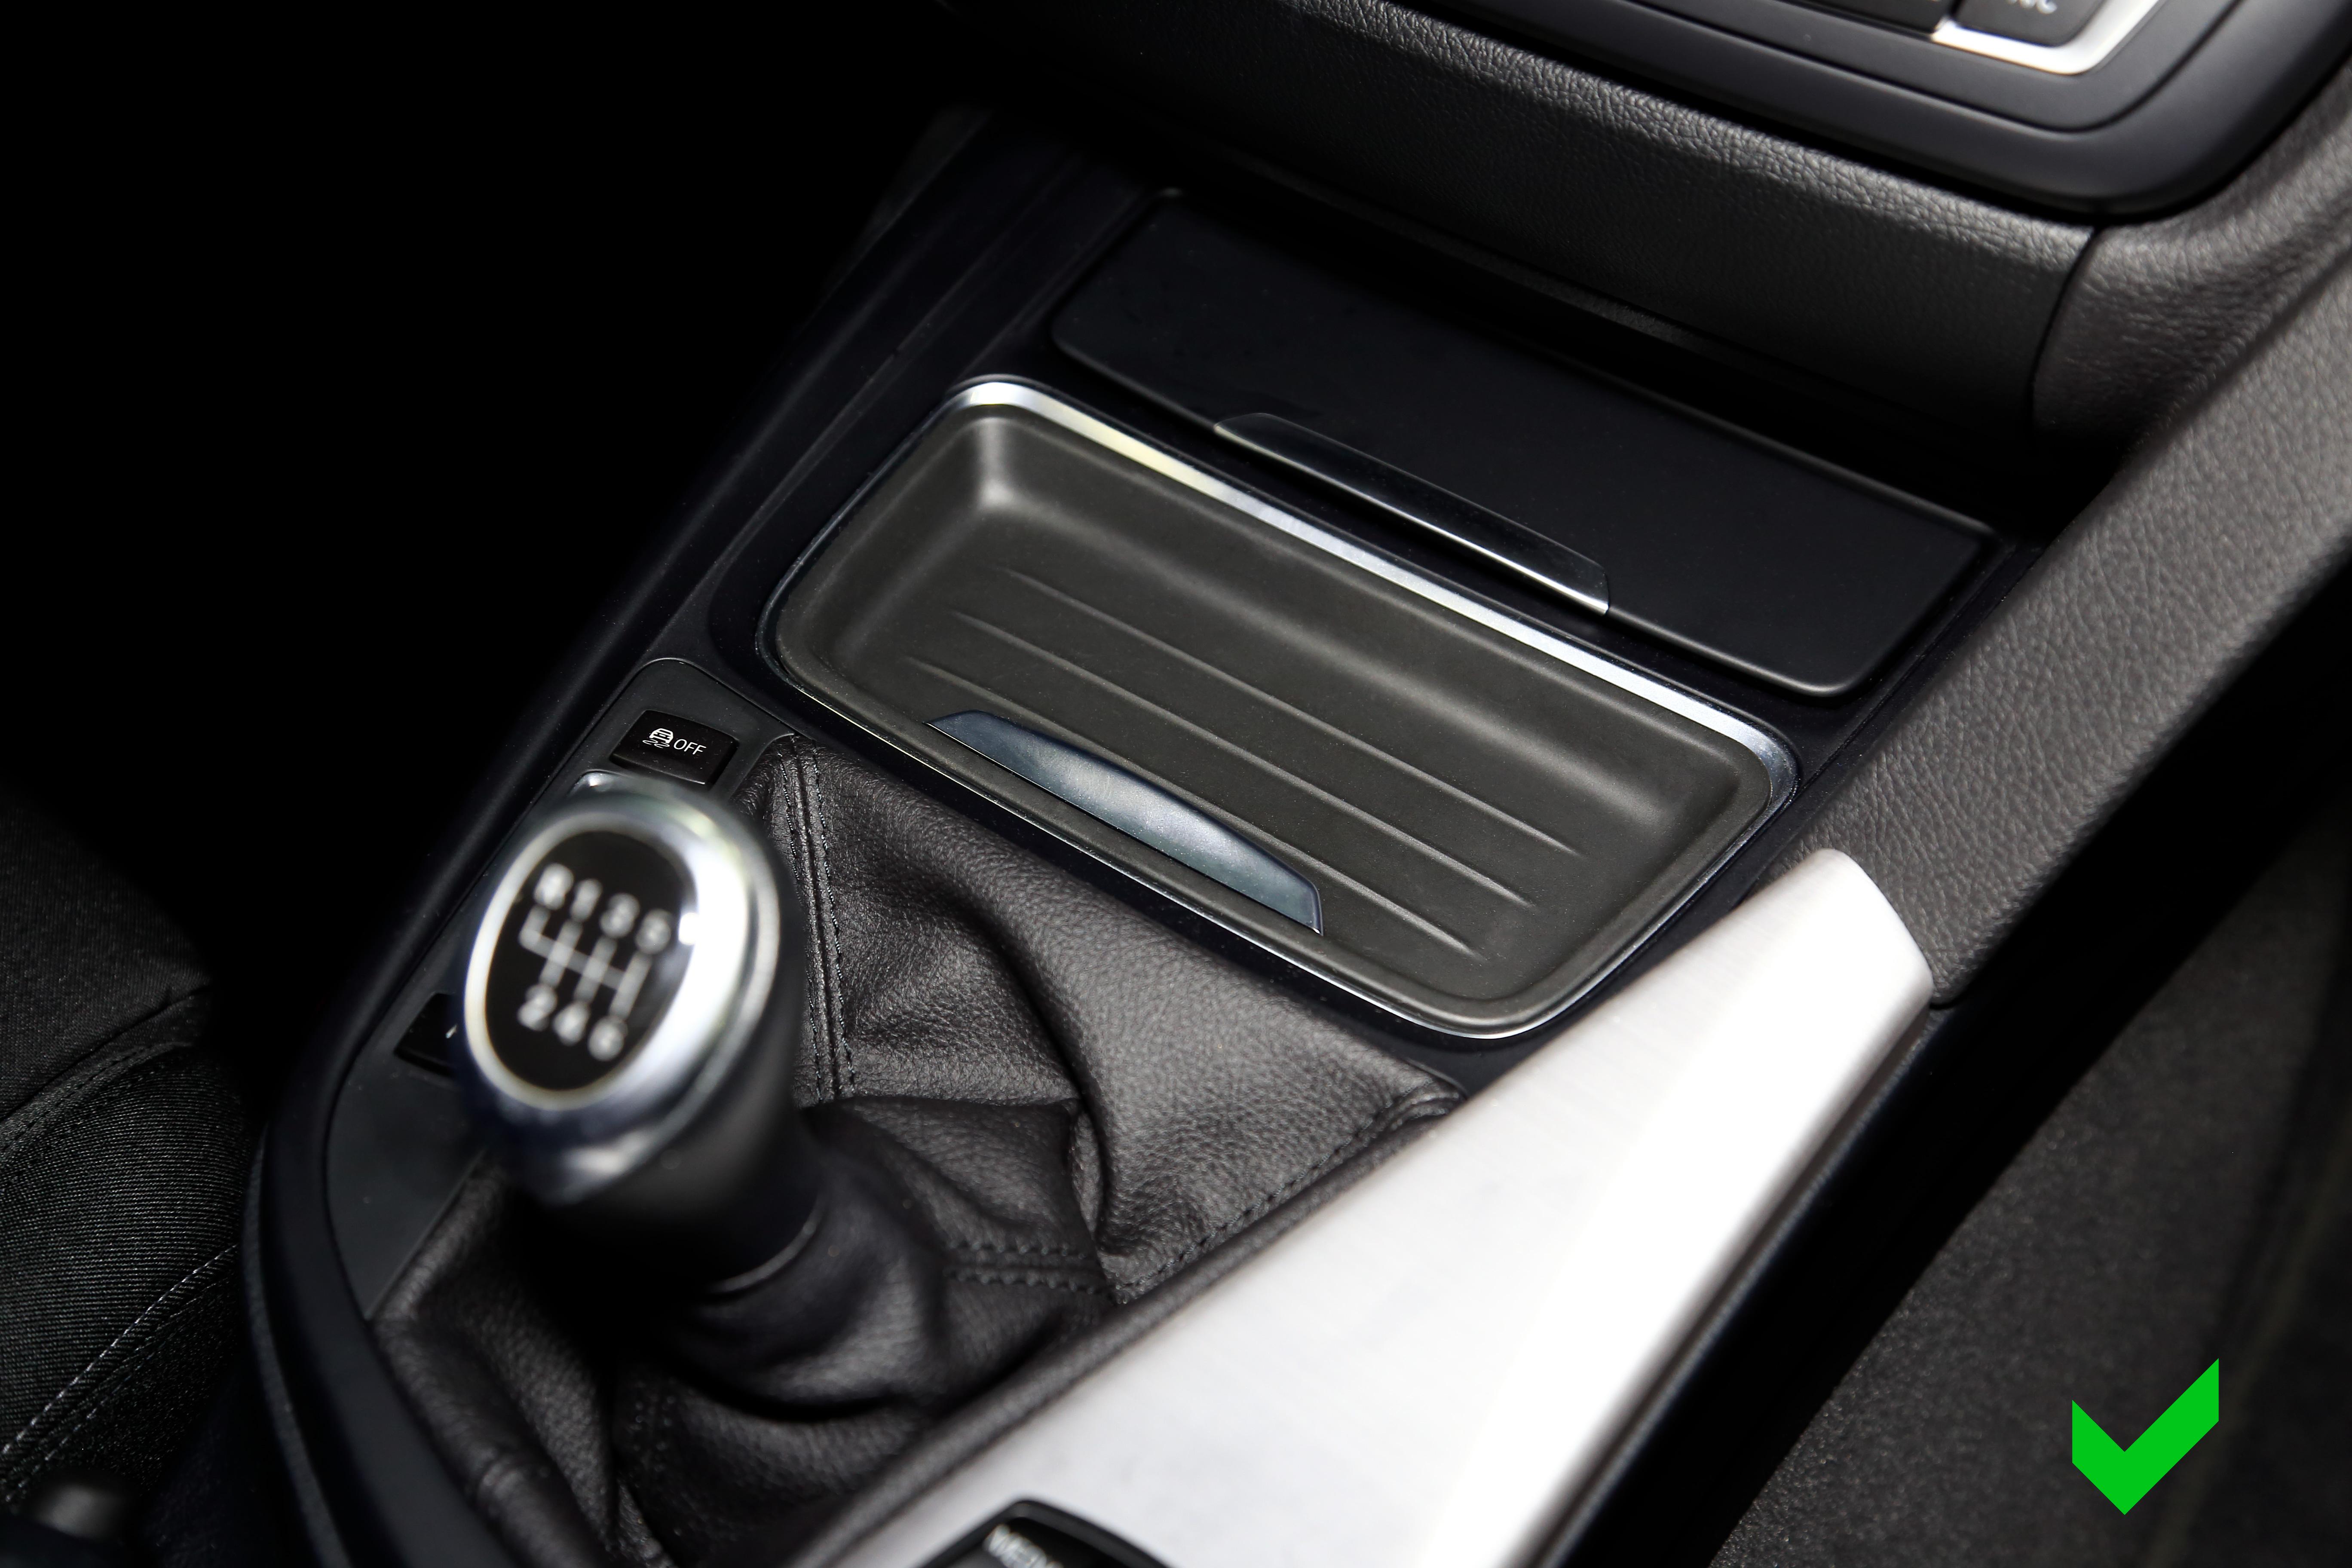 Nur für BMW Modelle mit diesem Ablagefach